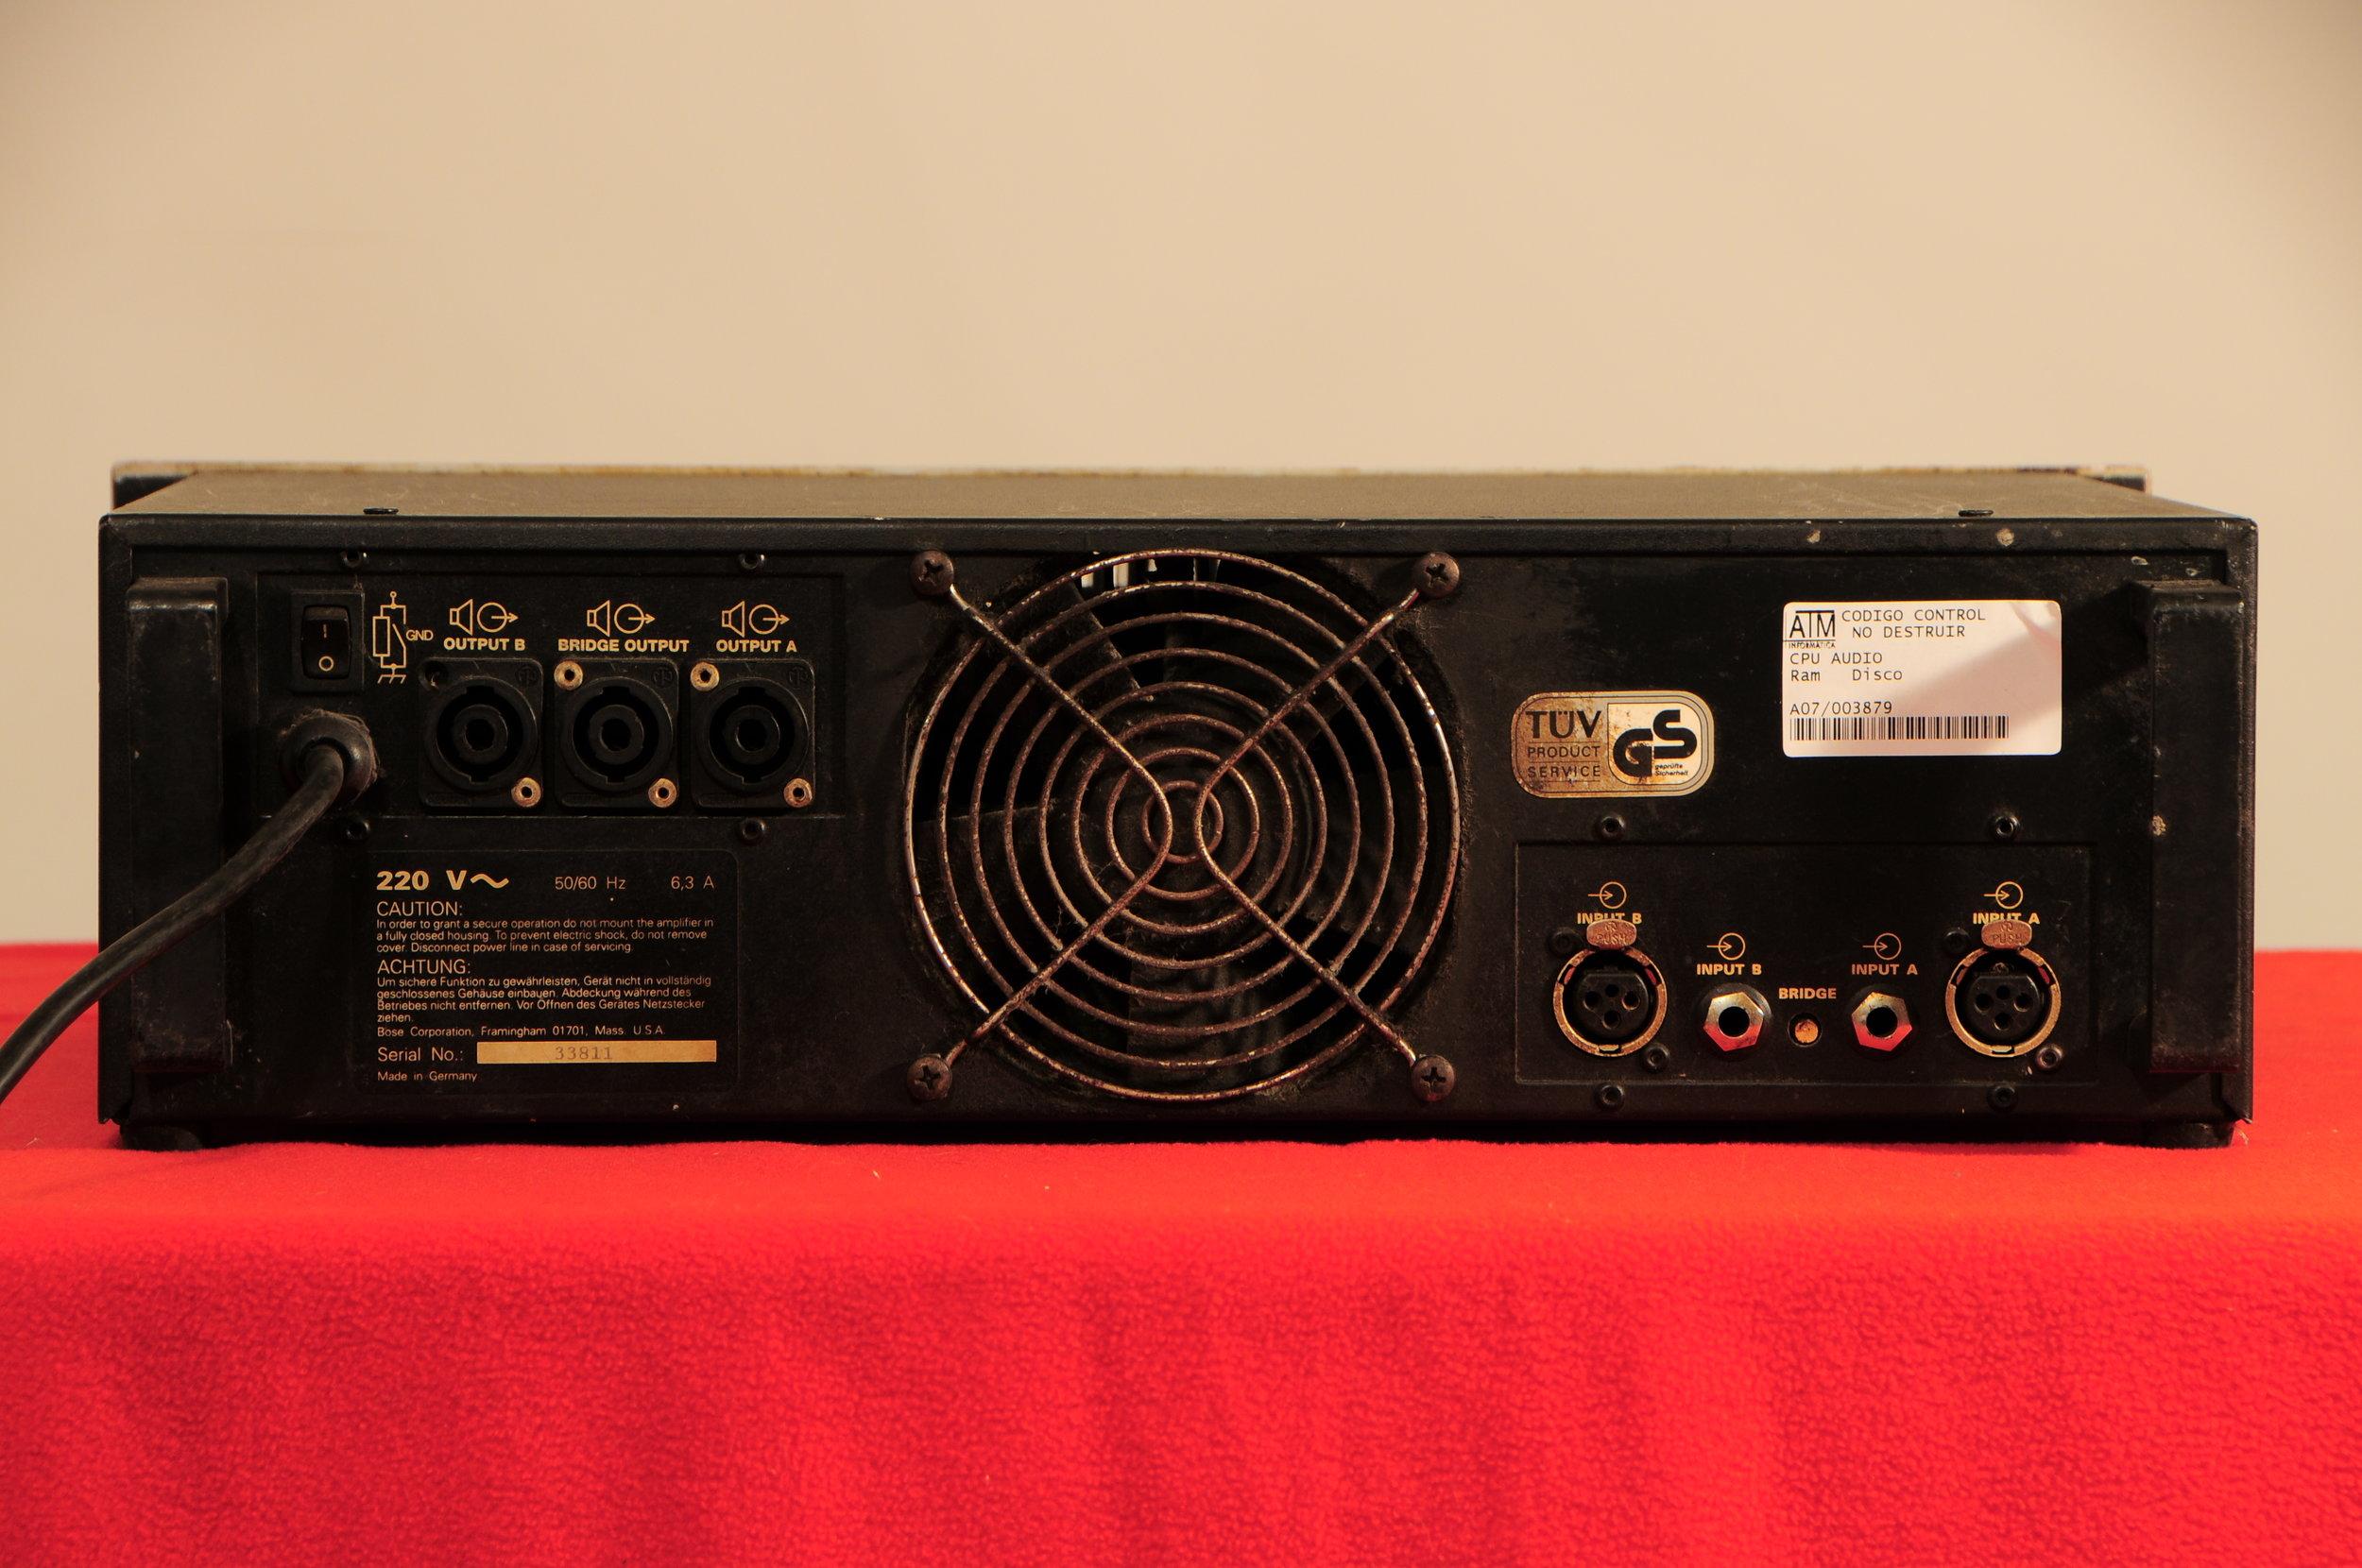 Bose 1800:IV rear.JPG